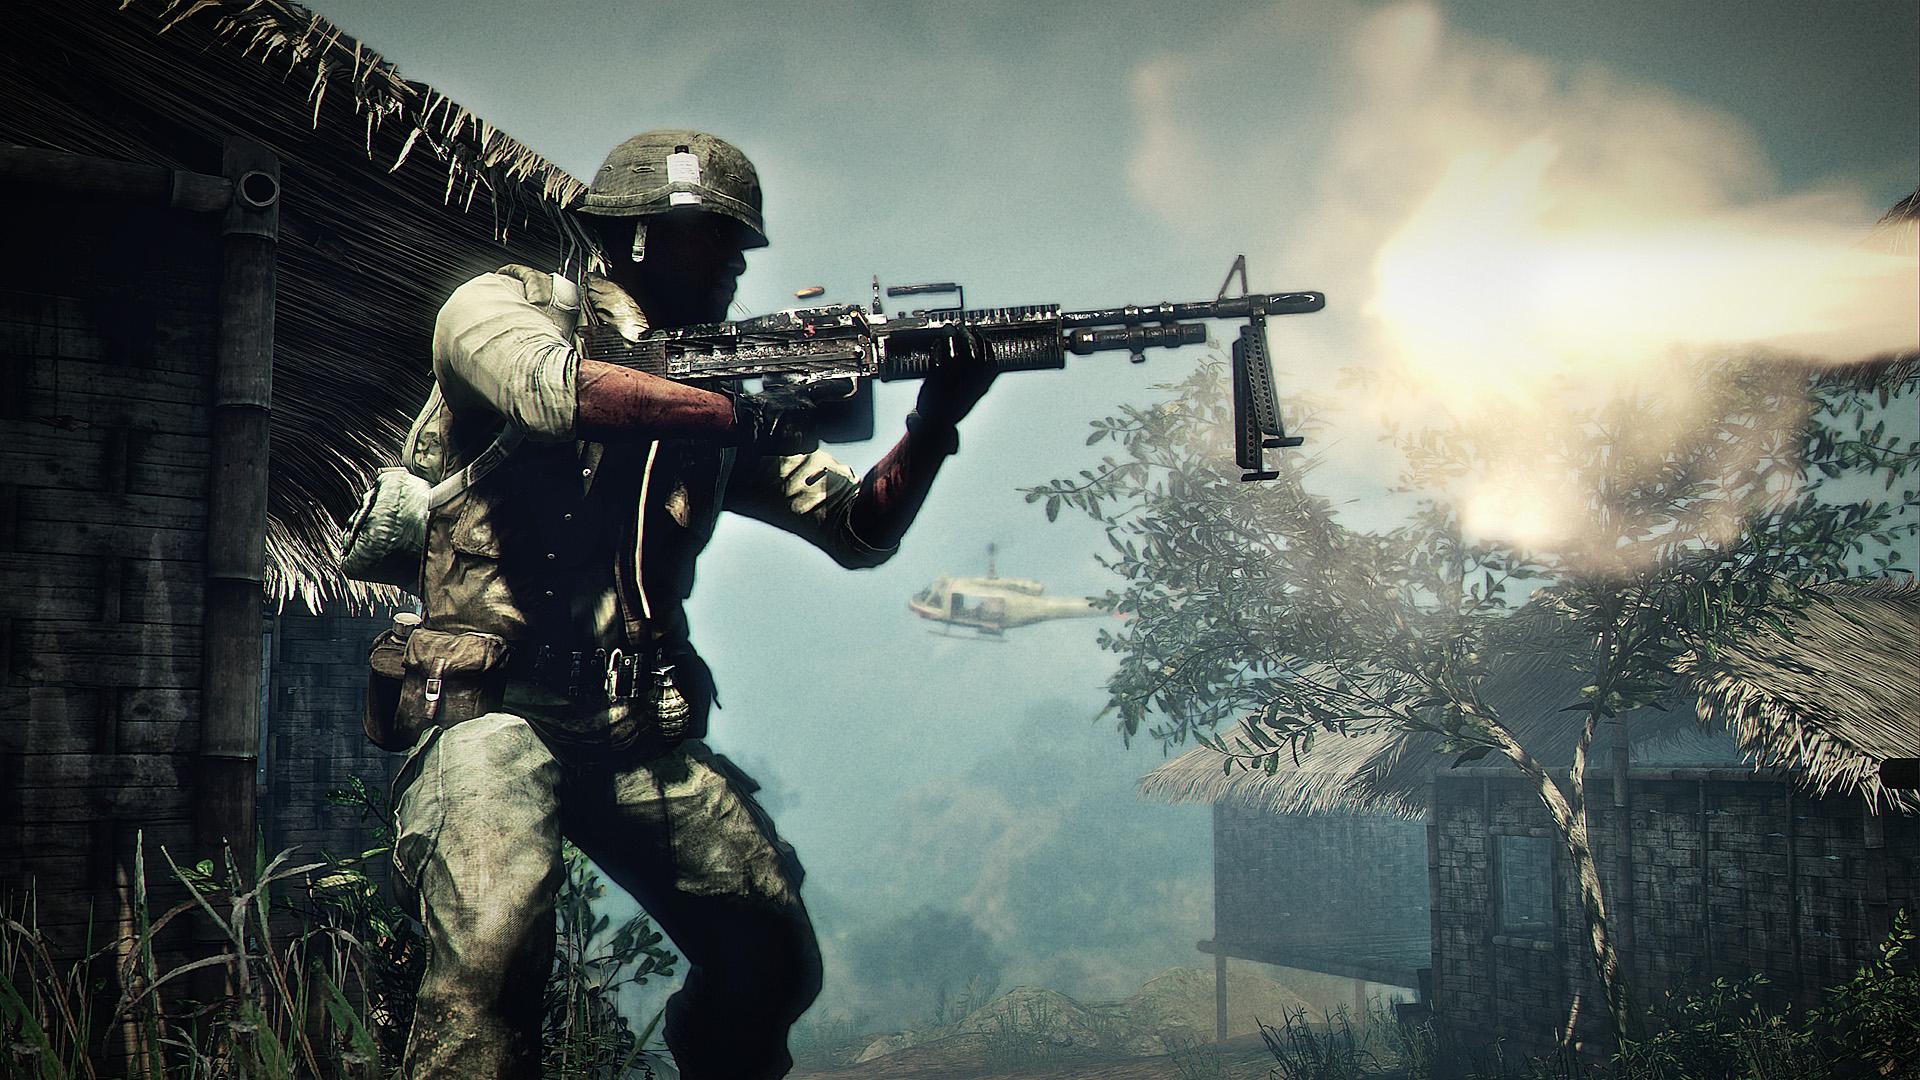 Battlefield 1 War Video Game Hd Wallpaper: Vietnam War Wallpaper HD